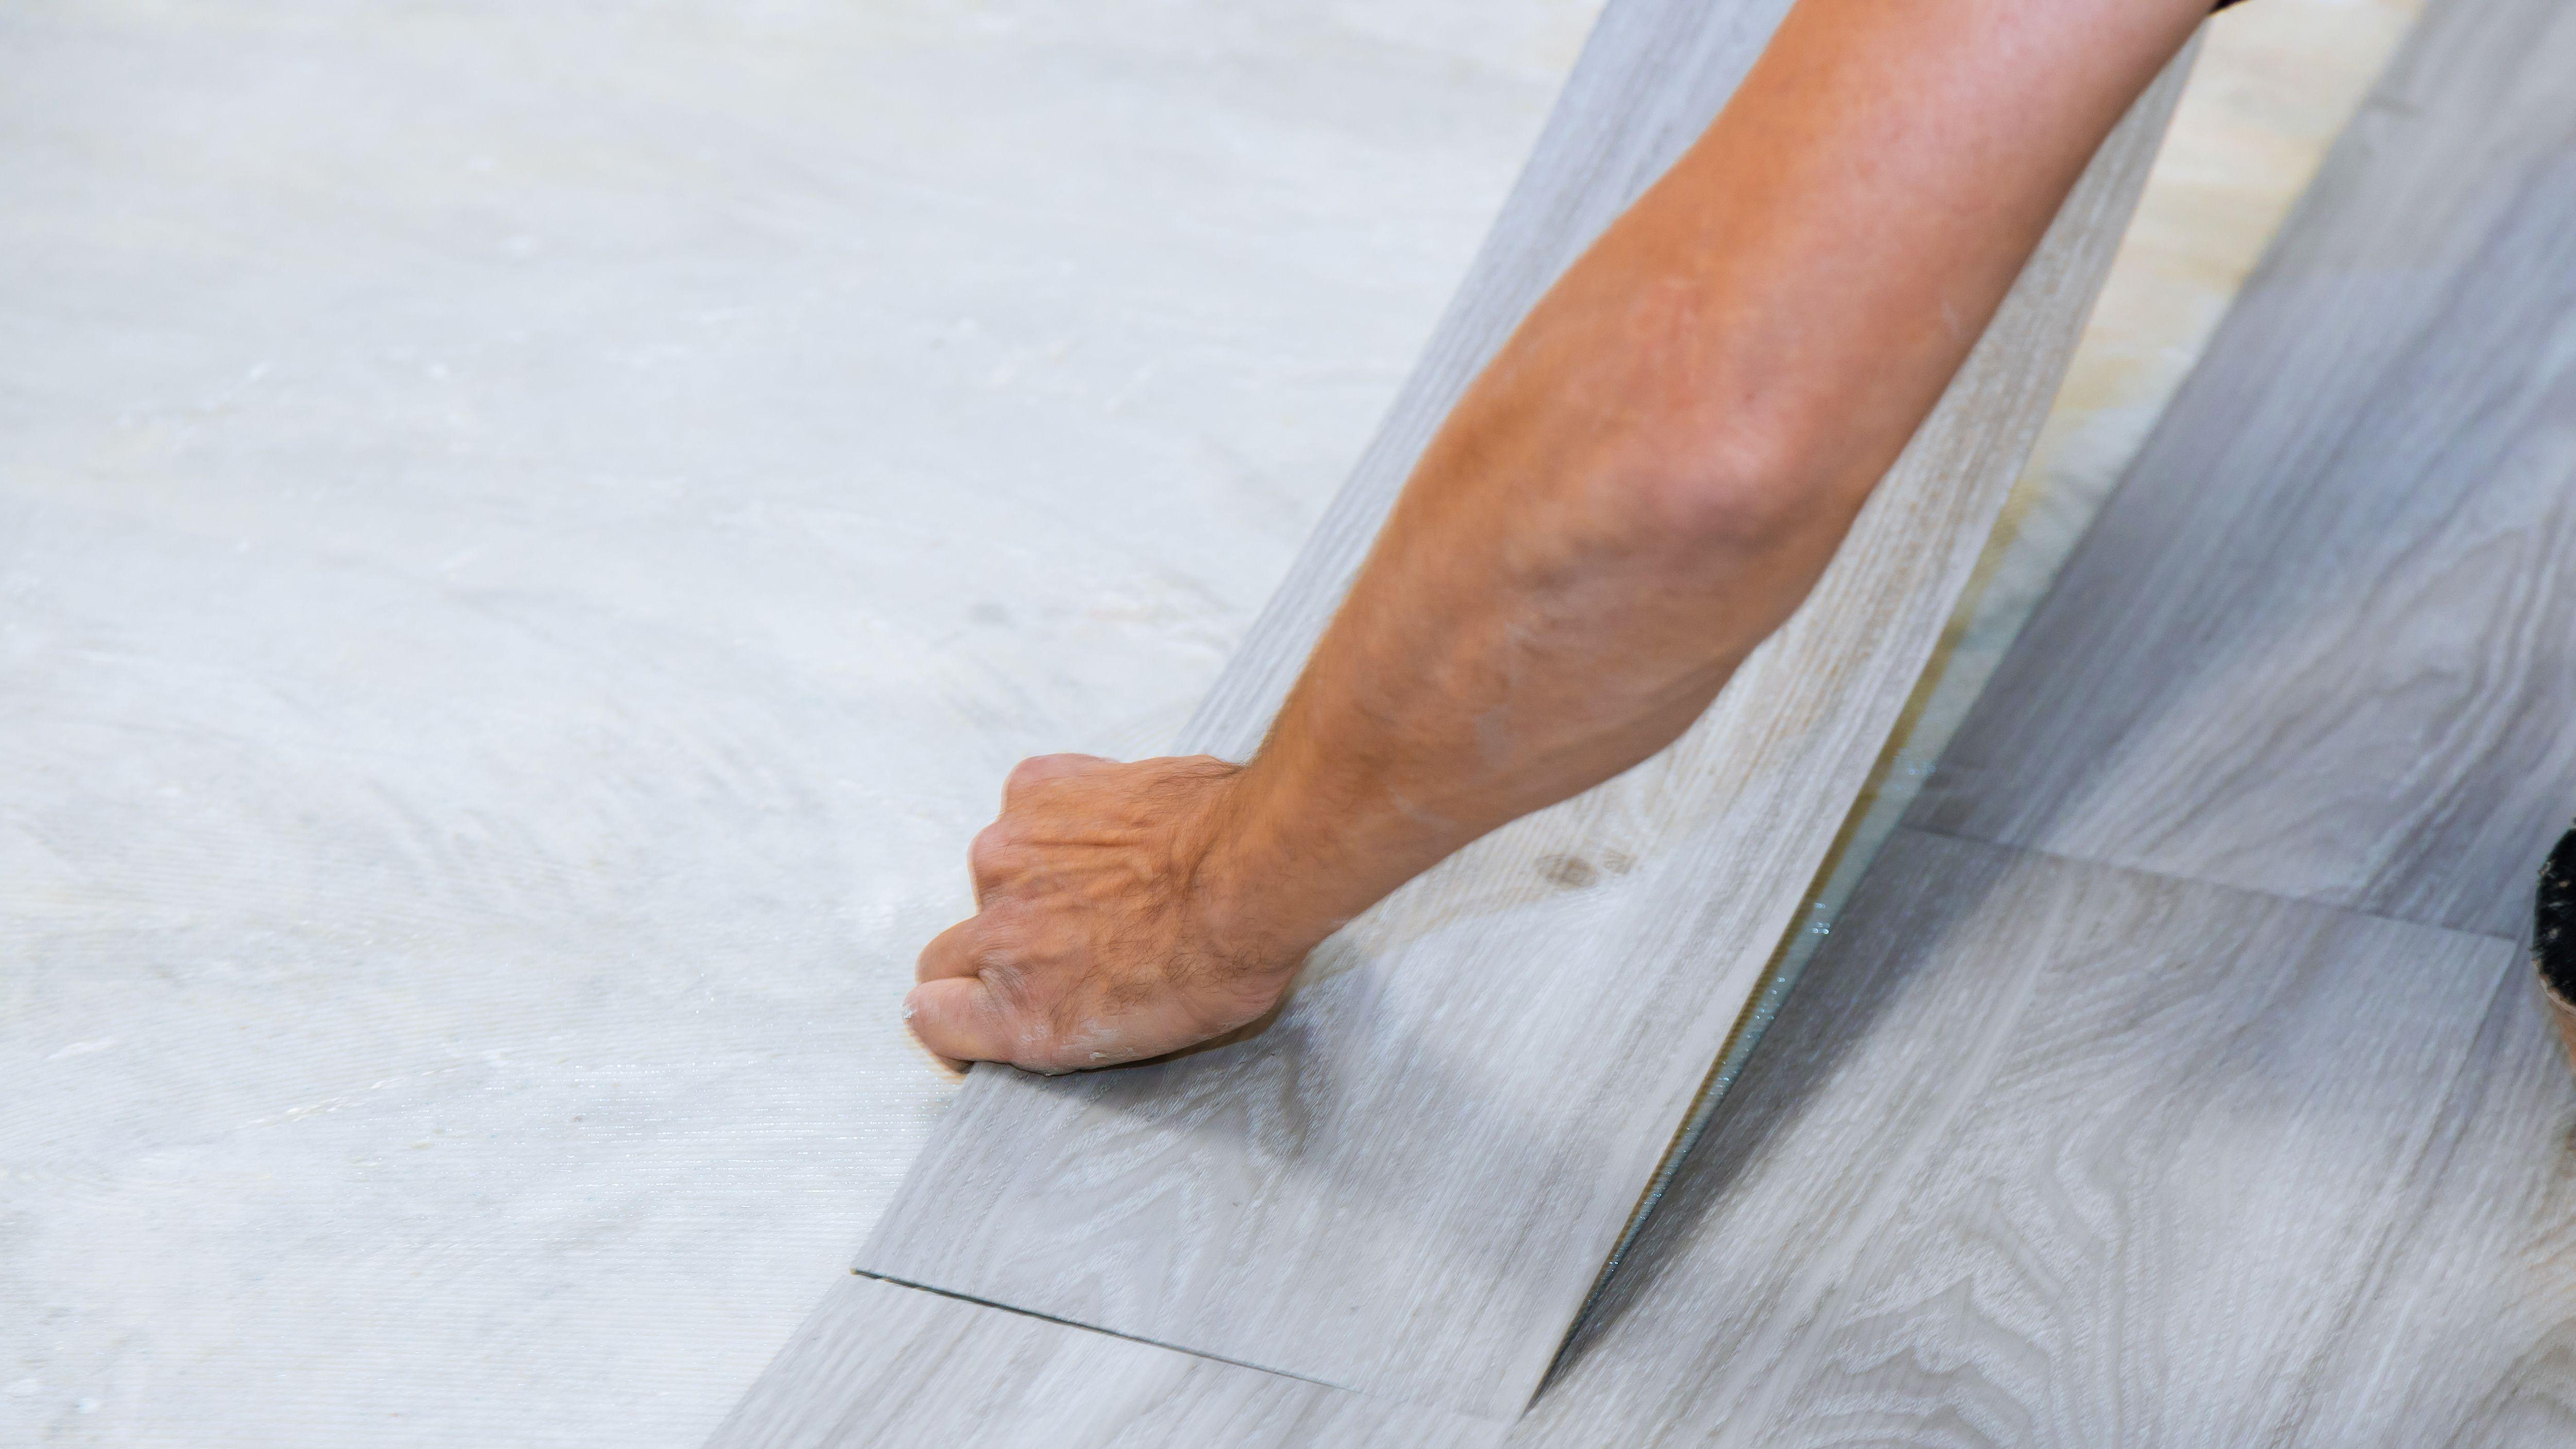 Comment poser des lames et des dalles de PVC adhésives